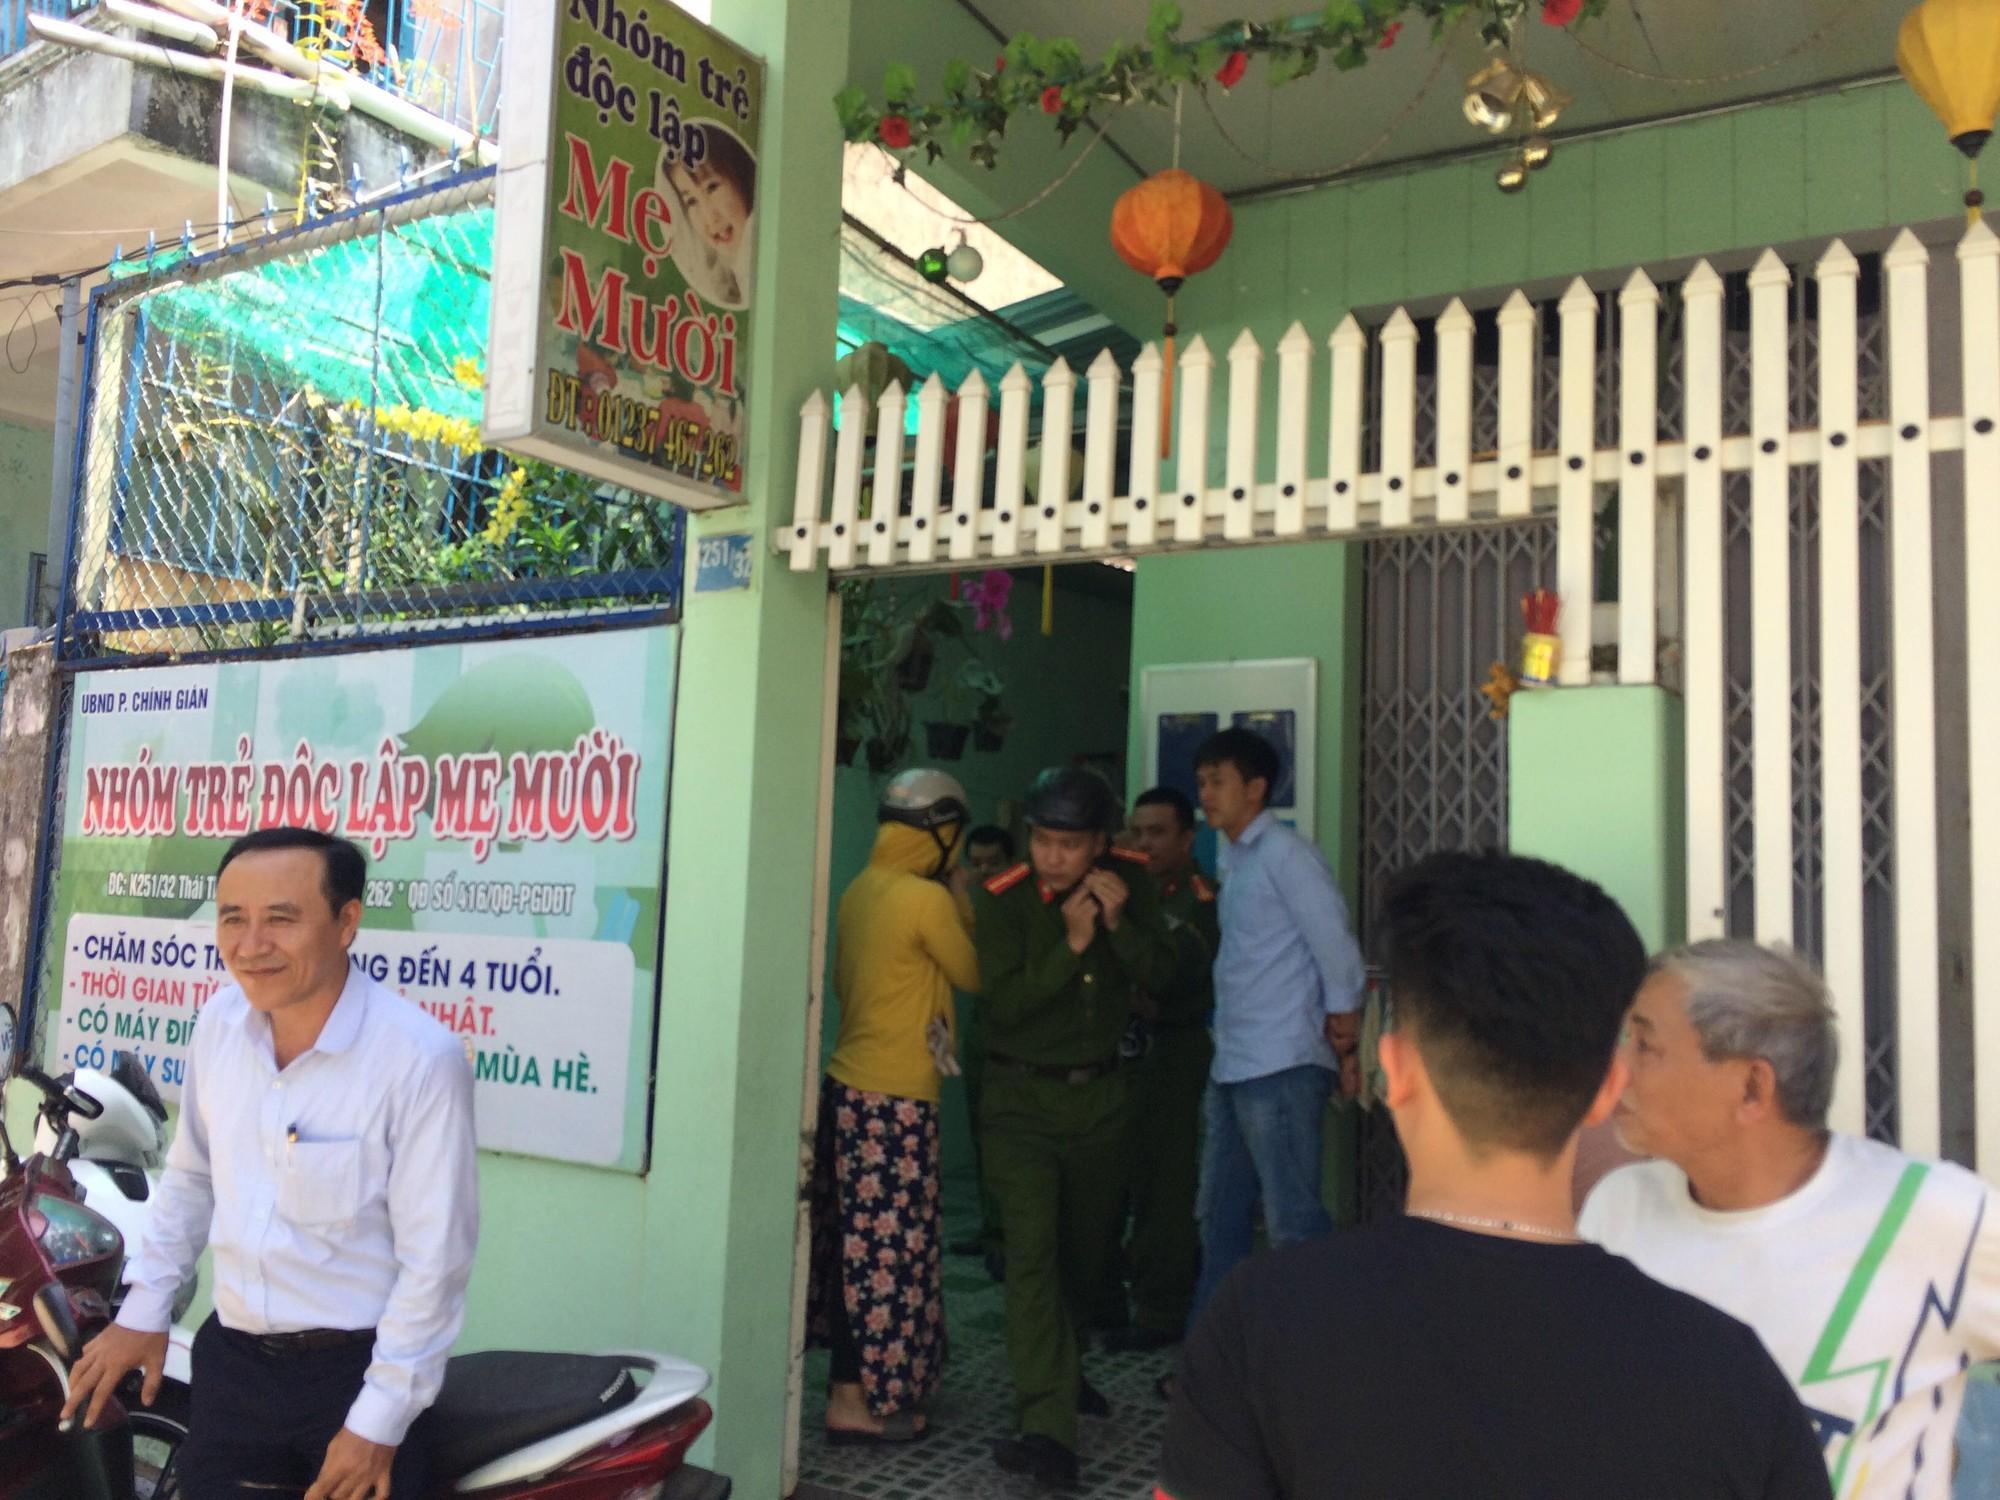 Vụ bảo mẫu vừa cho ăn vừa bạo hành trẻ ở Đà Nẵng: Chủ cơ sở nói đó là phương pháp dọa trẻ - Ảnh 2.